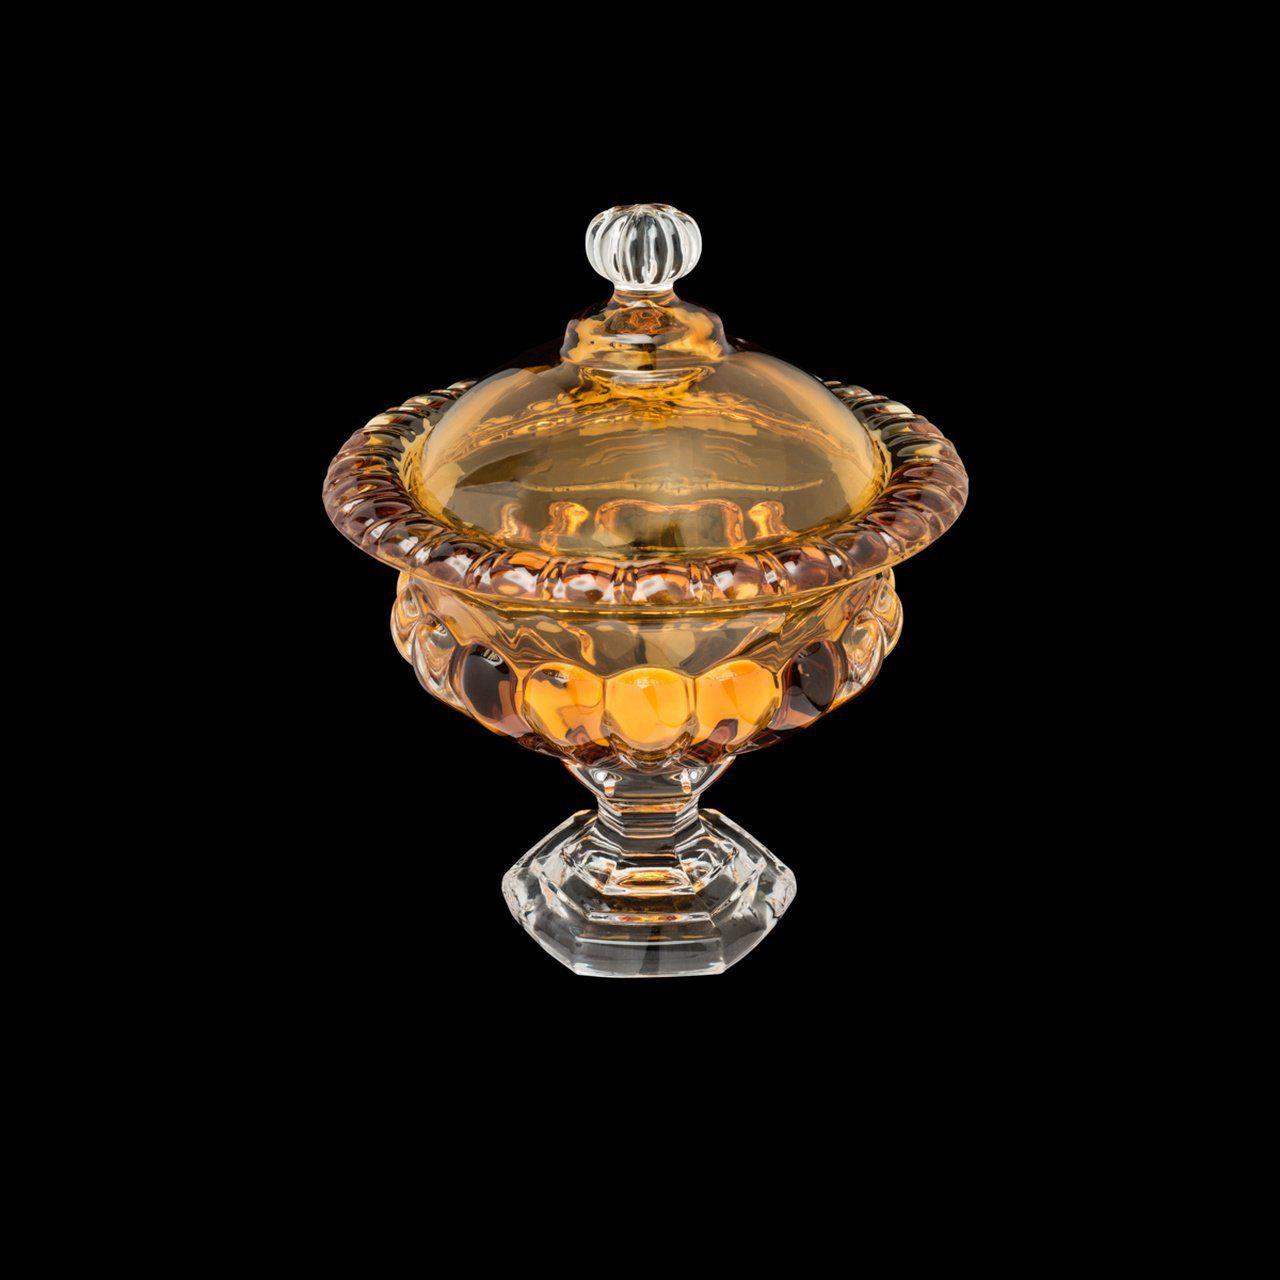 Bomboniere 16 cm de cristal âmbar com pé e tampa Sussex Wolff - 26454